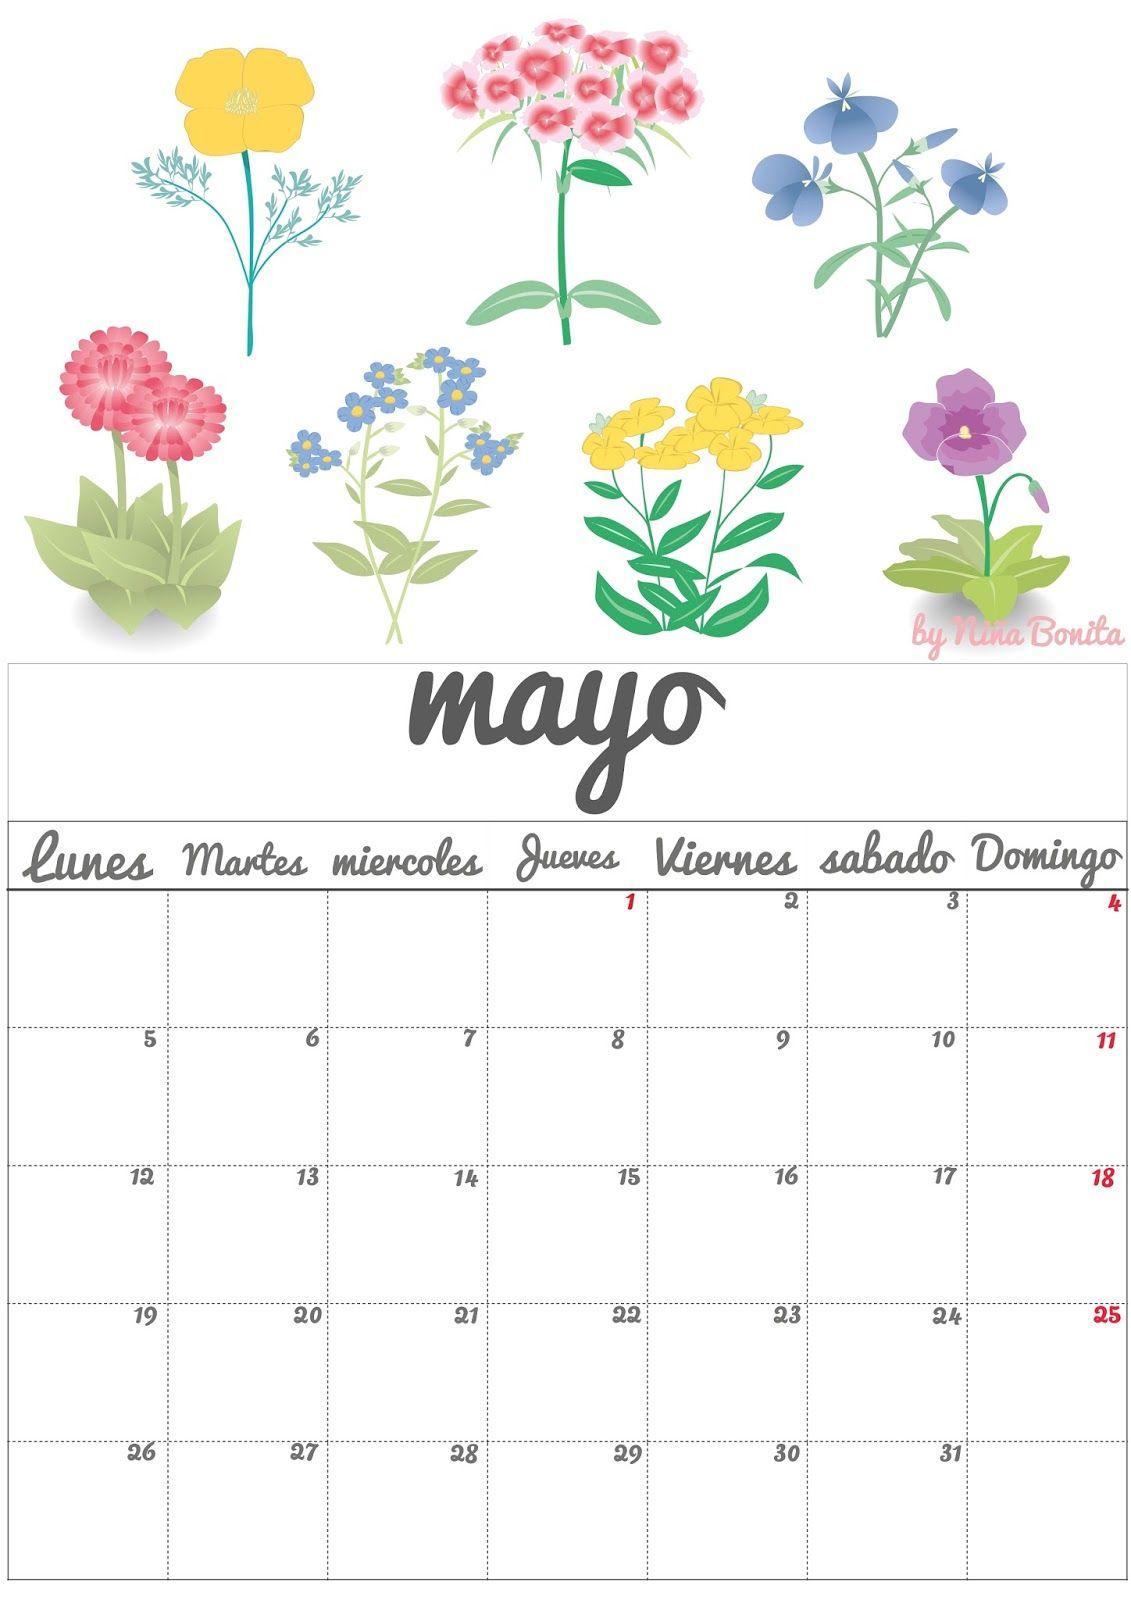 Imprimible: Calendario Mayo 2014